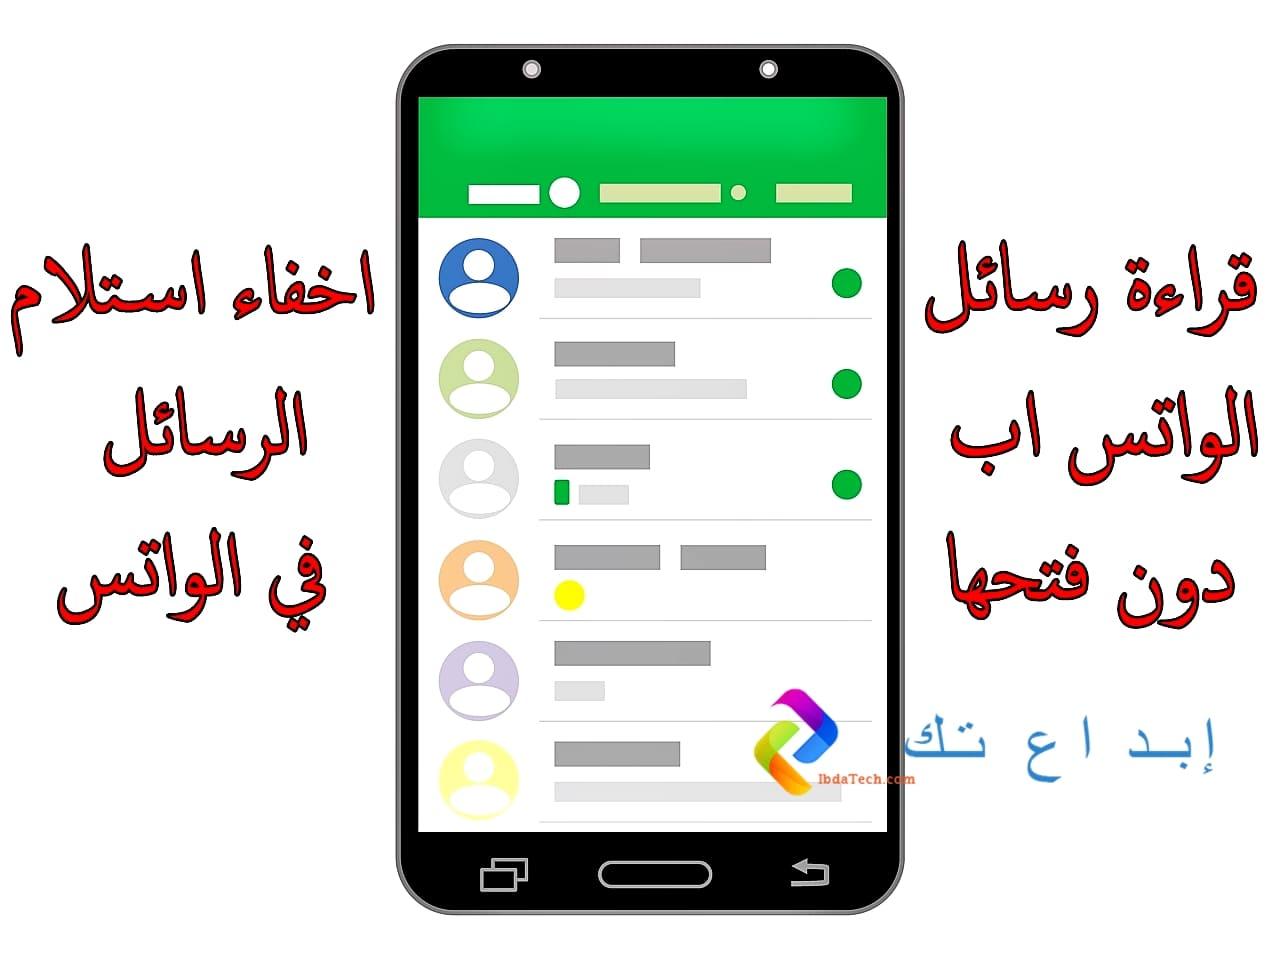 قراءة رسائل الواتس اب دون فتحها و اخفاء استلام الرسائل في الواتس